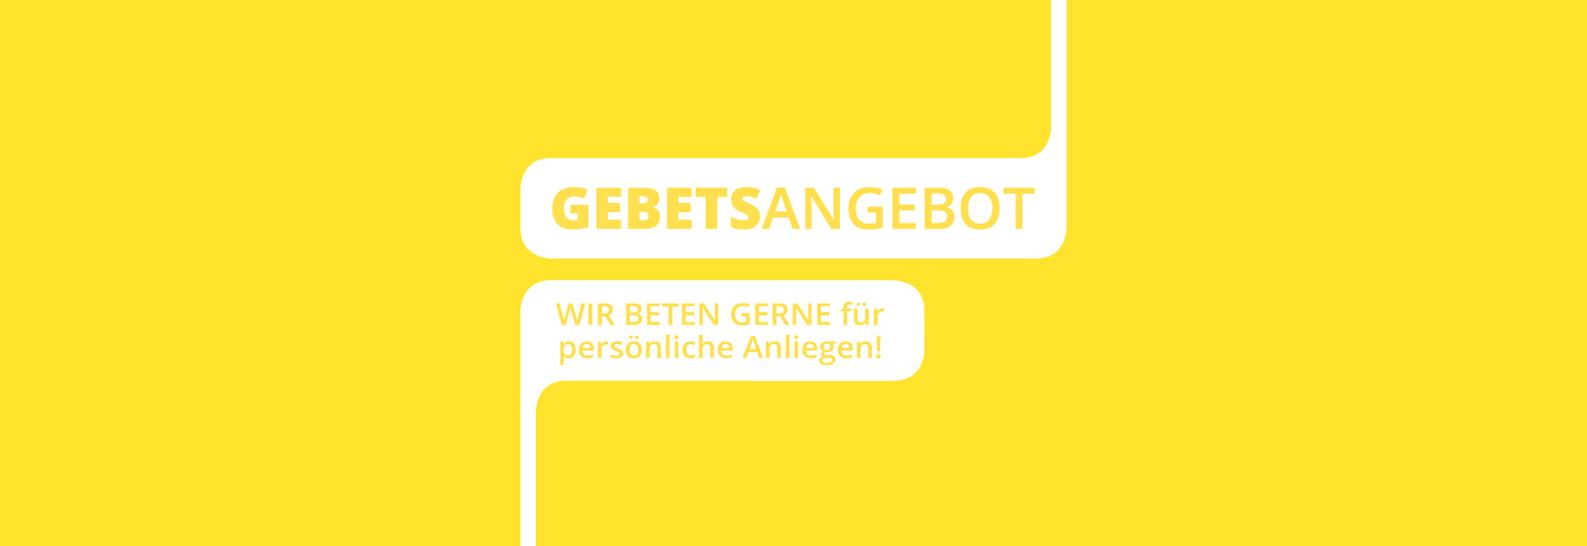 Gebetsangebot_bkg_B